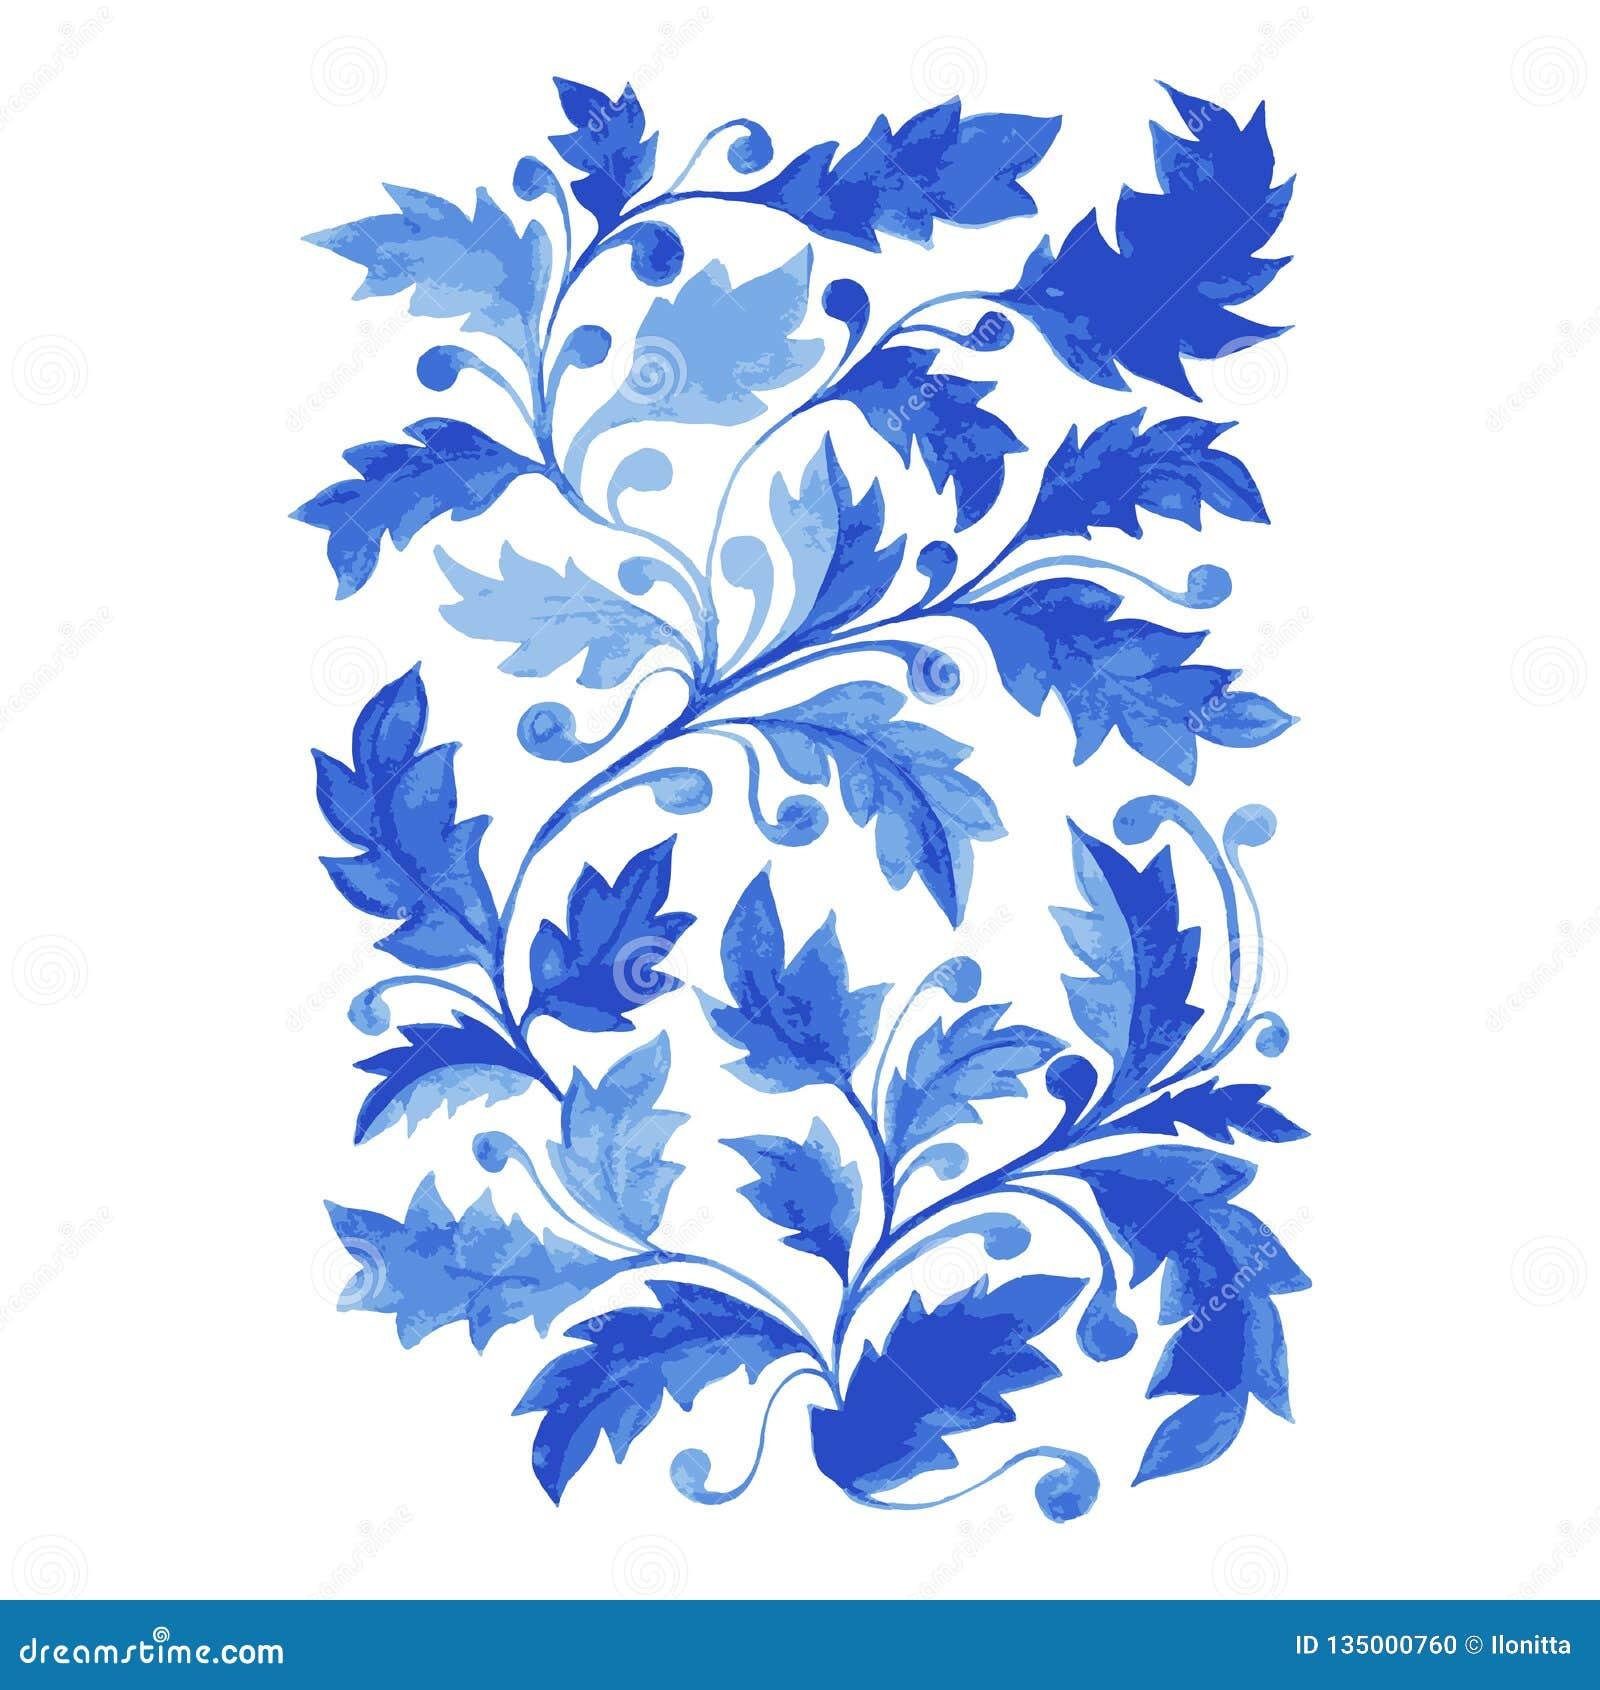 De blauwe Azulejo-Affiche, Verticaal Vectorkunstwerk met Waterverfbladeren, krult en Gebladerte